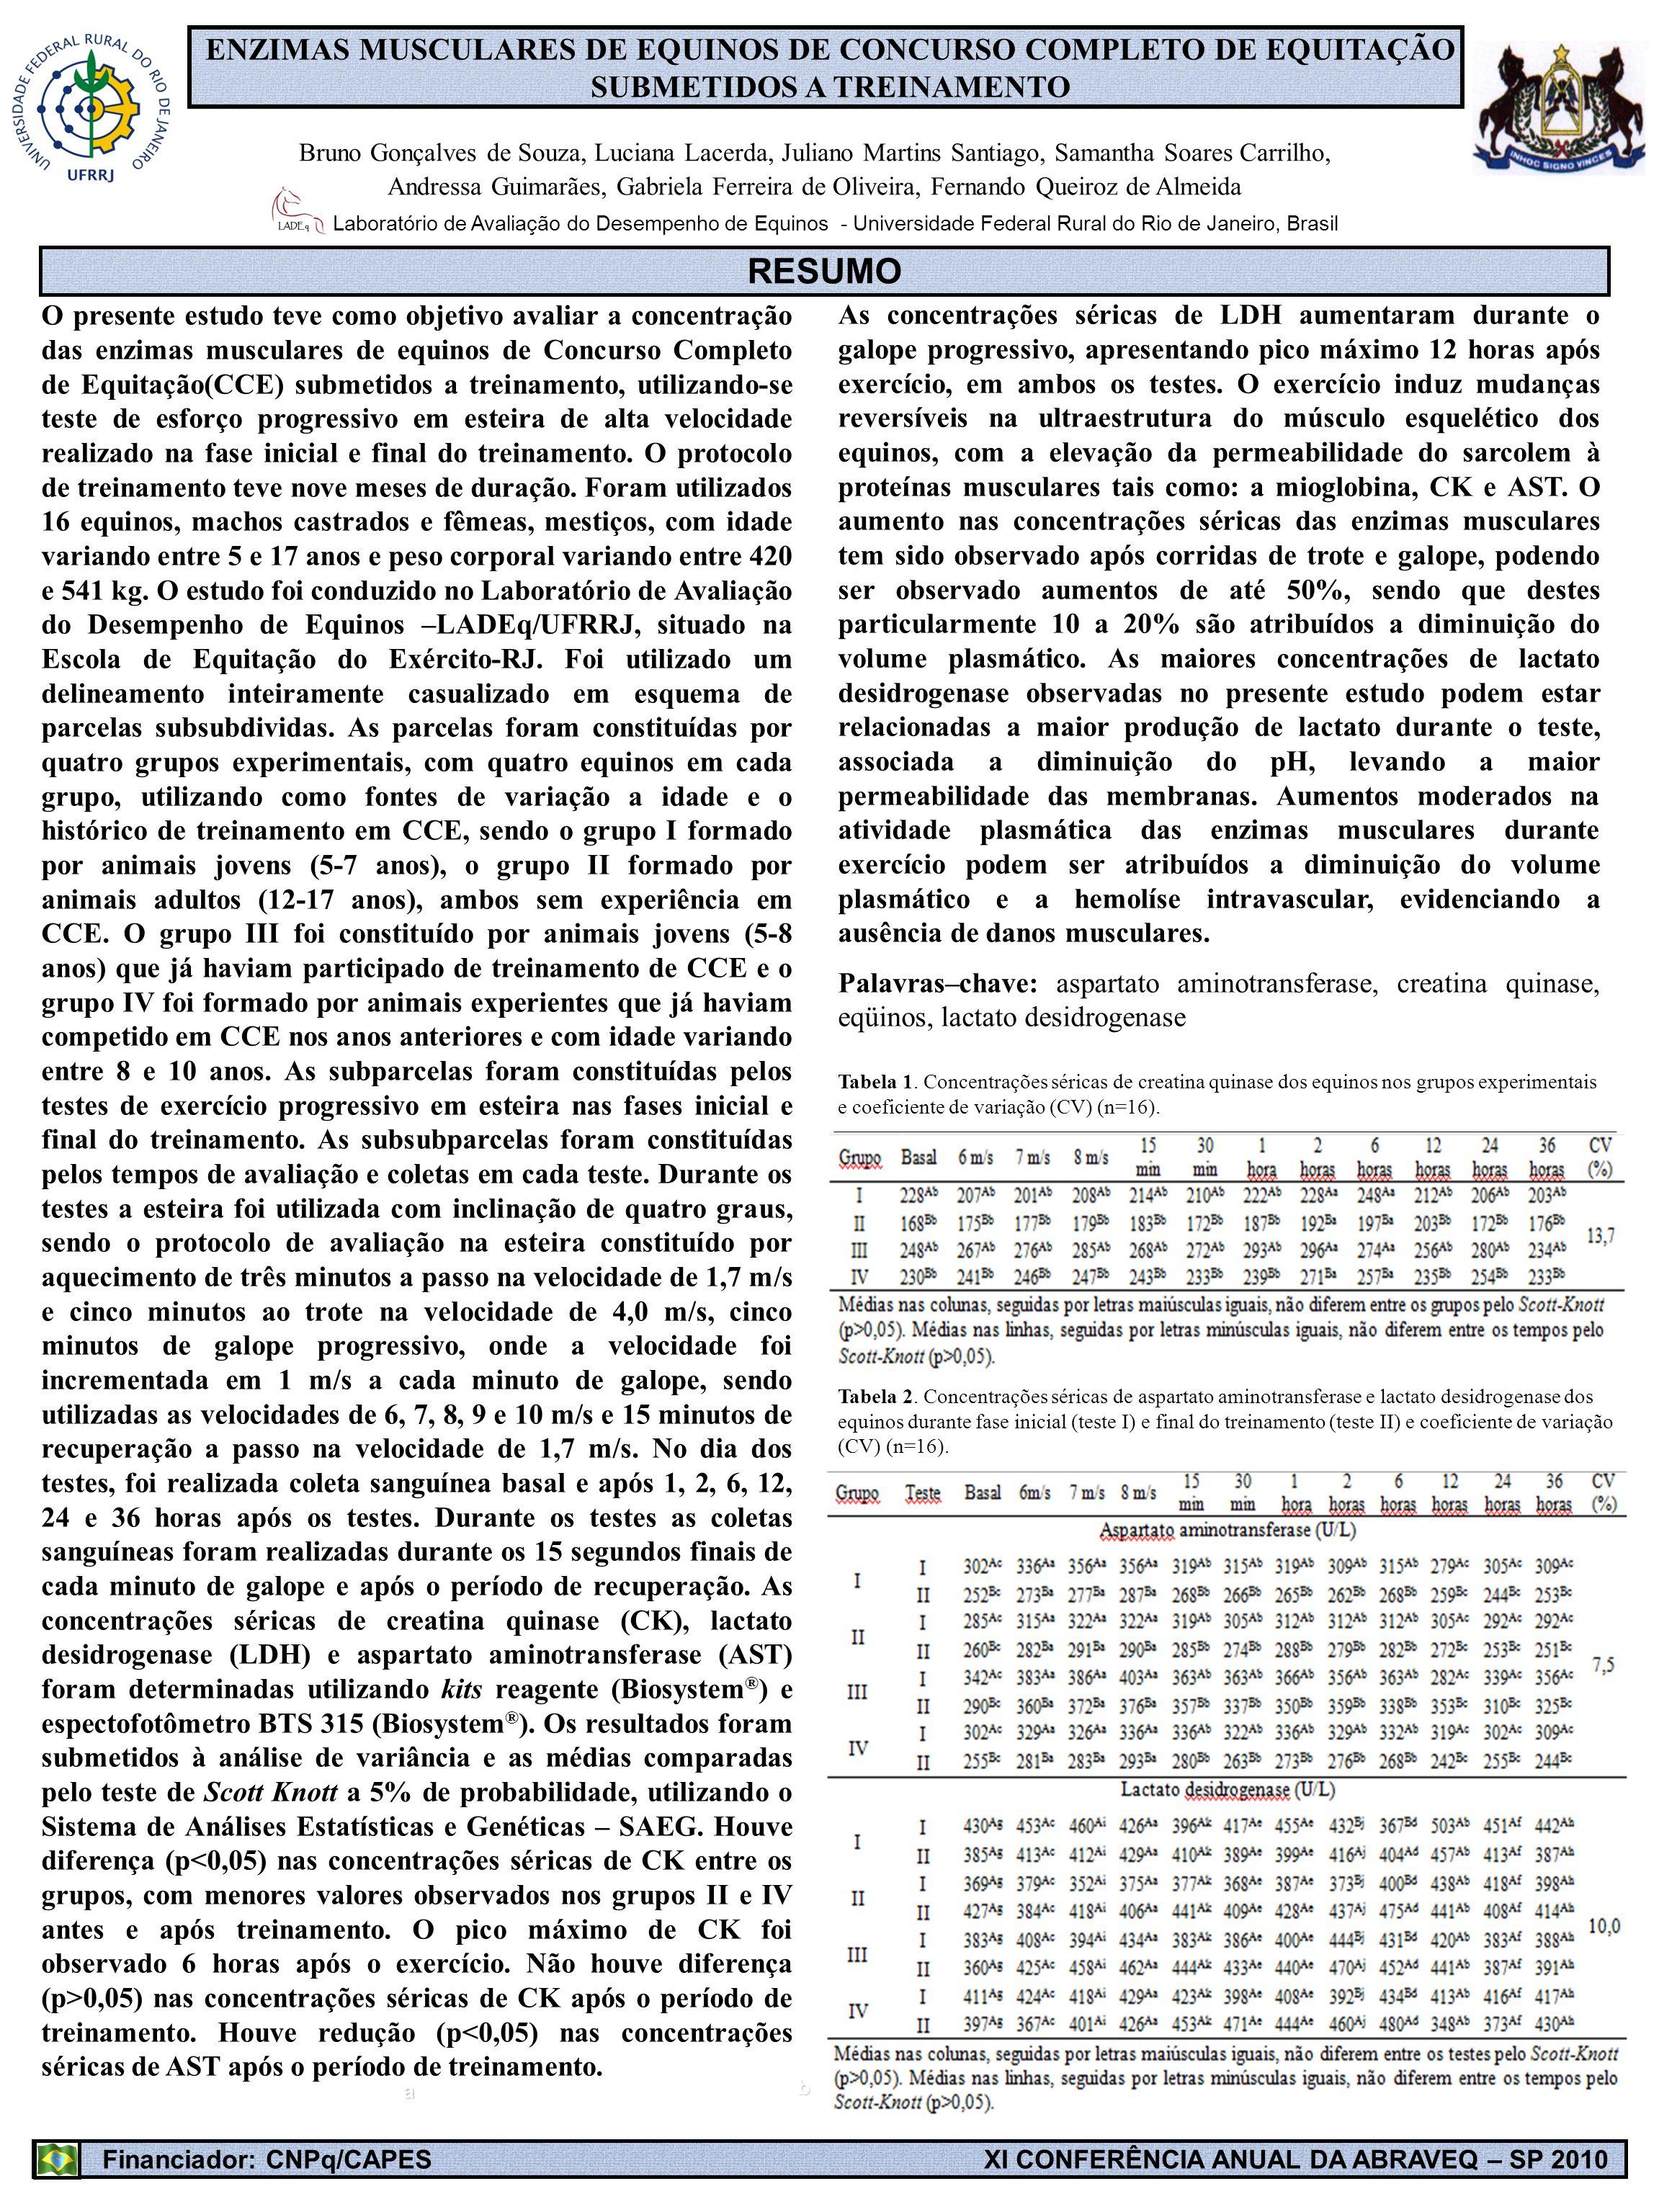 ENZIMAS MUSCULARES DE EQUINOS DE CONCURSO COMPLETO DE EQUITAÇÃO SUBMETIDOS A TREINAMENTO